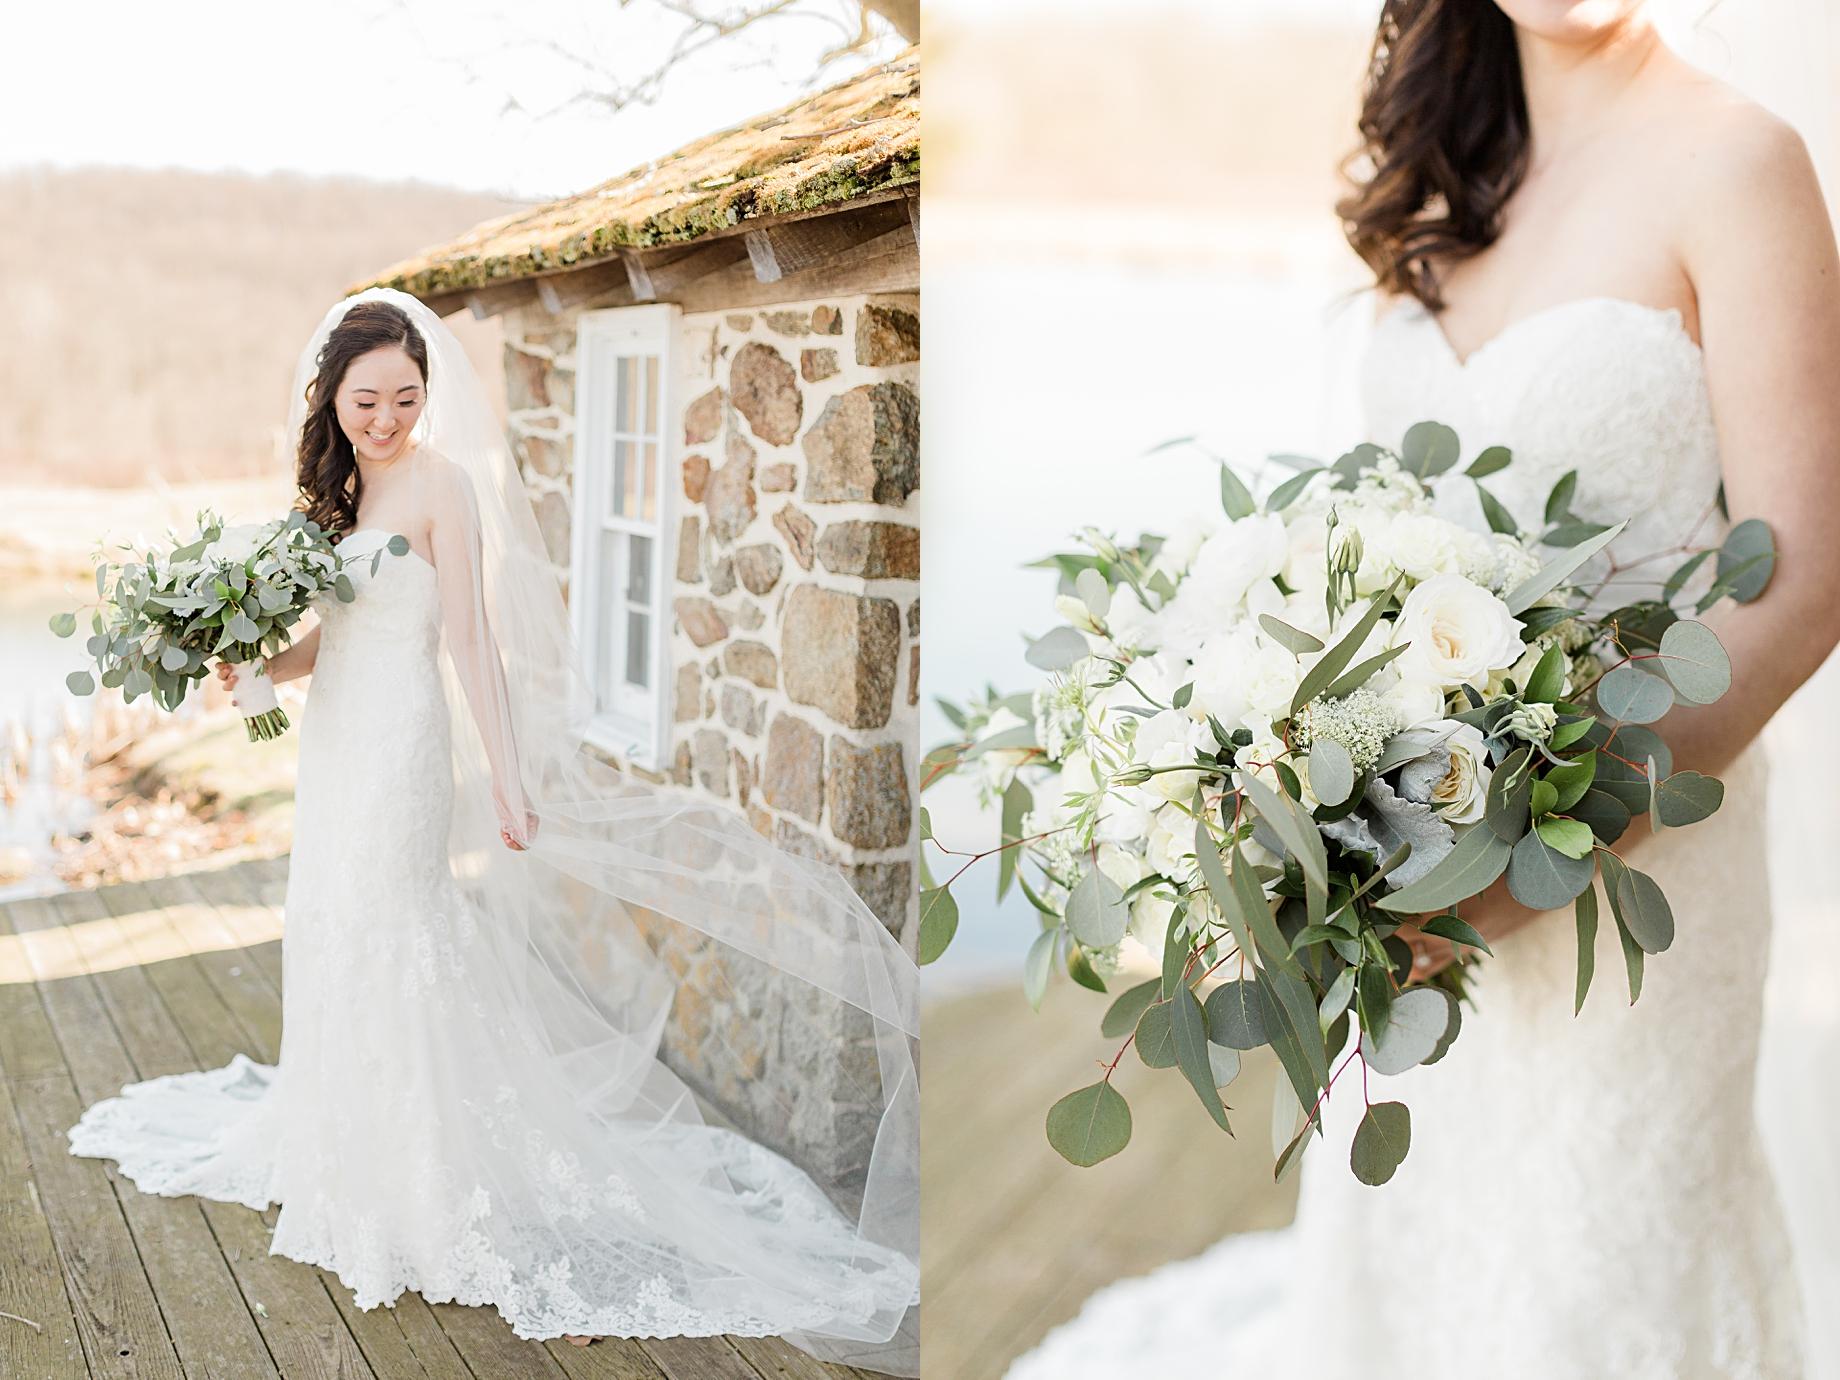 Elegant Winter Wedding at French Creek Golf Club | gown by essence of australia